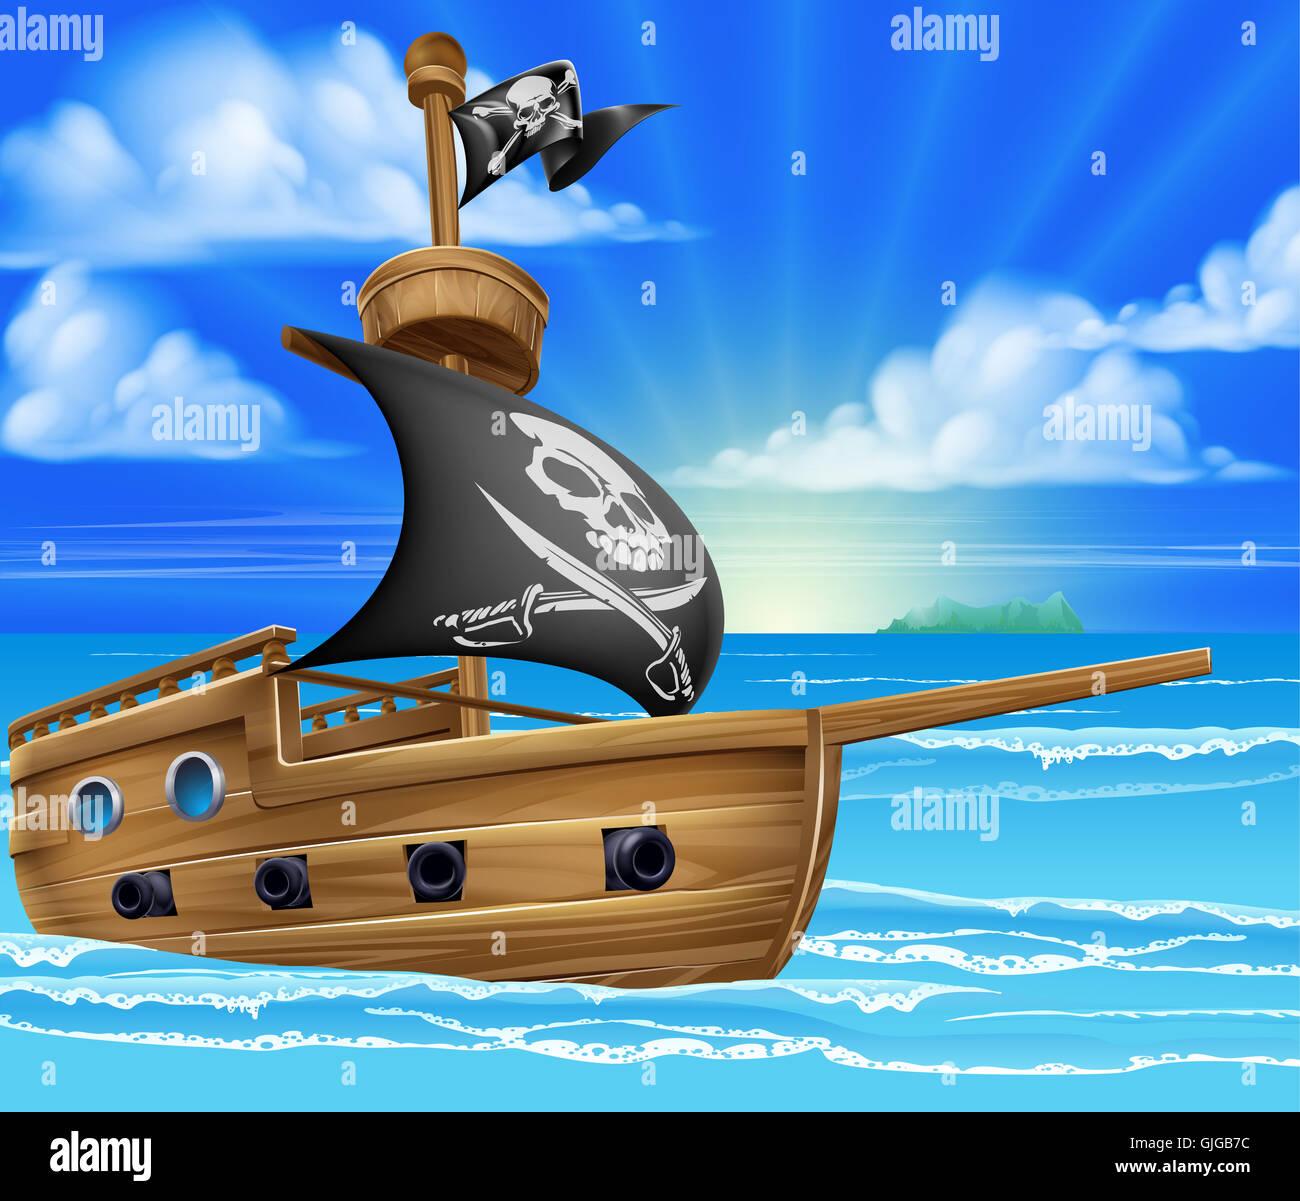 Un Dessin Bateau Pirate Bateau Naviguant Dans L Ocean Avec Jolly Roger Le Crane Et Os Croises D Un Drapeau Photo Stock Alamy